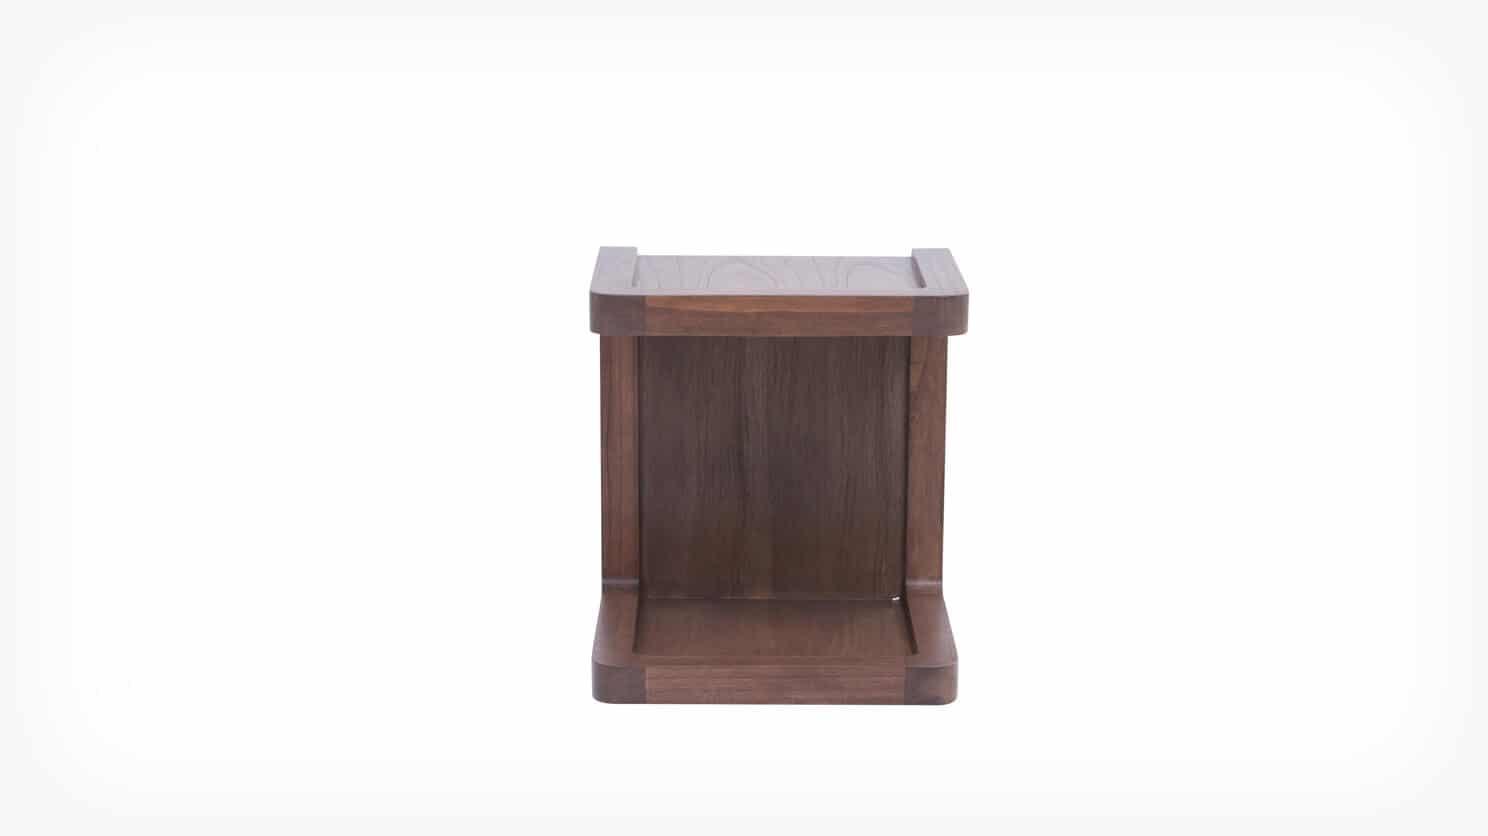 5080 432 14 par 3 nightstands burrows c nightstand java front